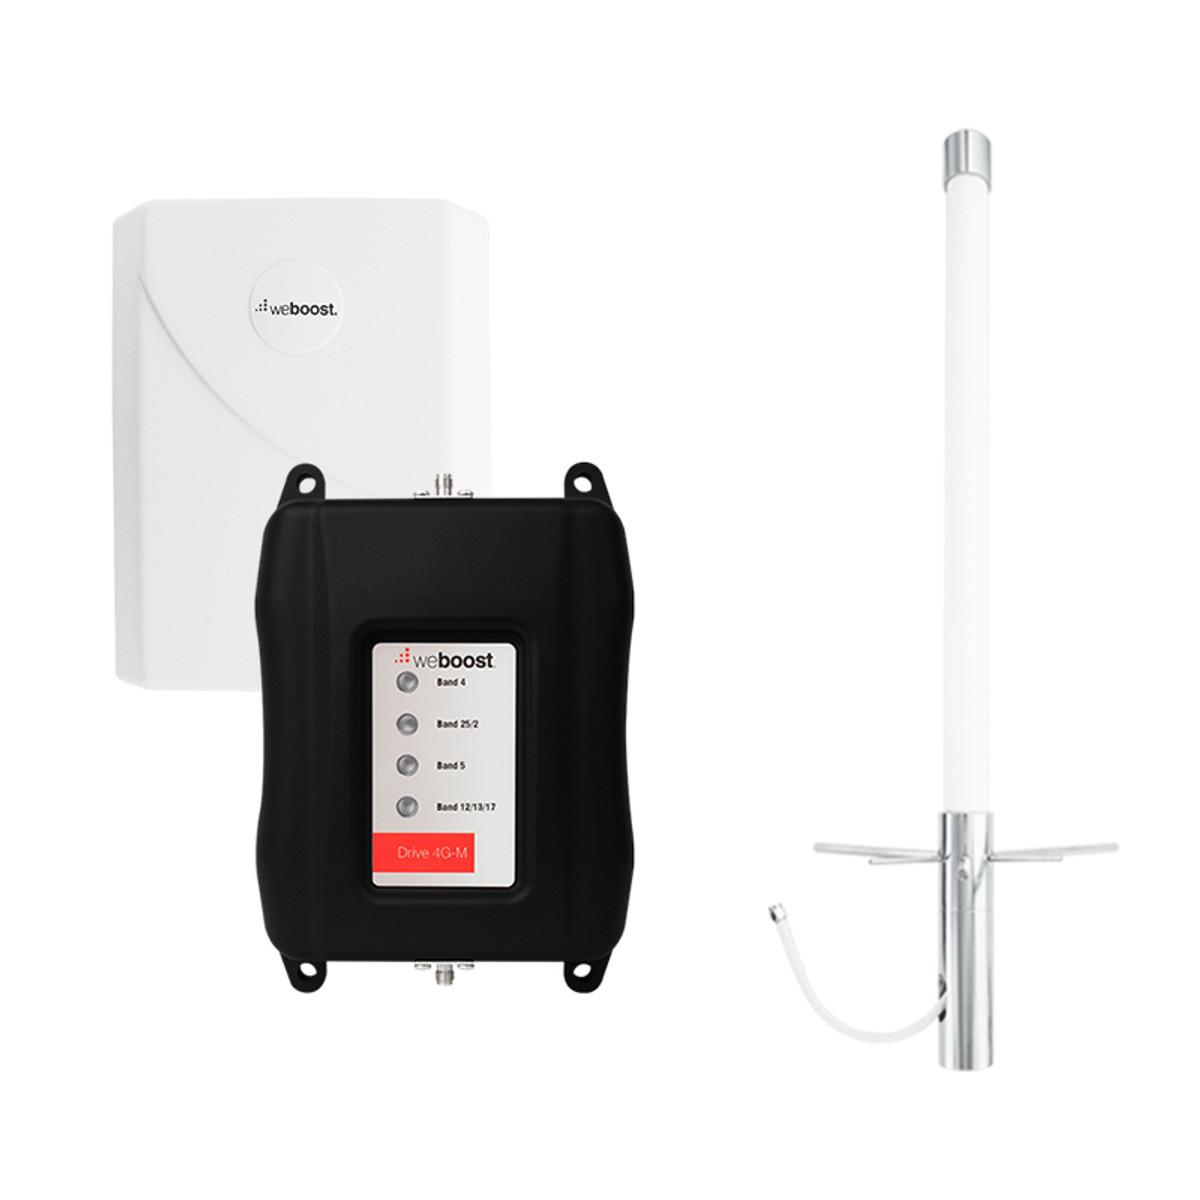 weBoost Drive 4G-M + Marine Essentials Kit | 470108-M Kit